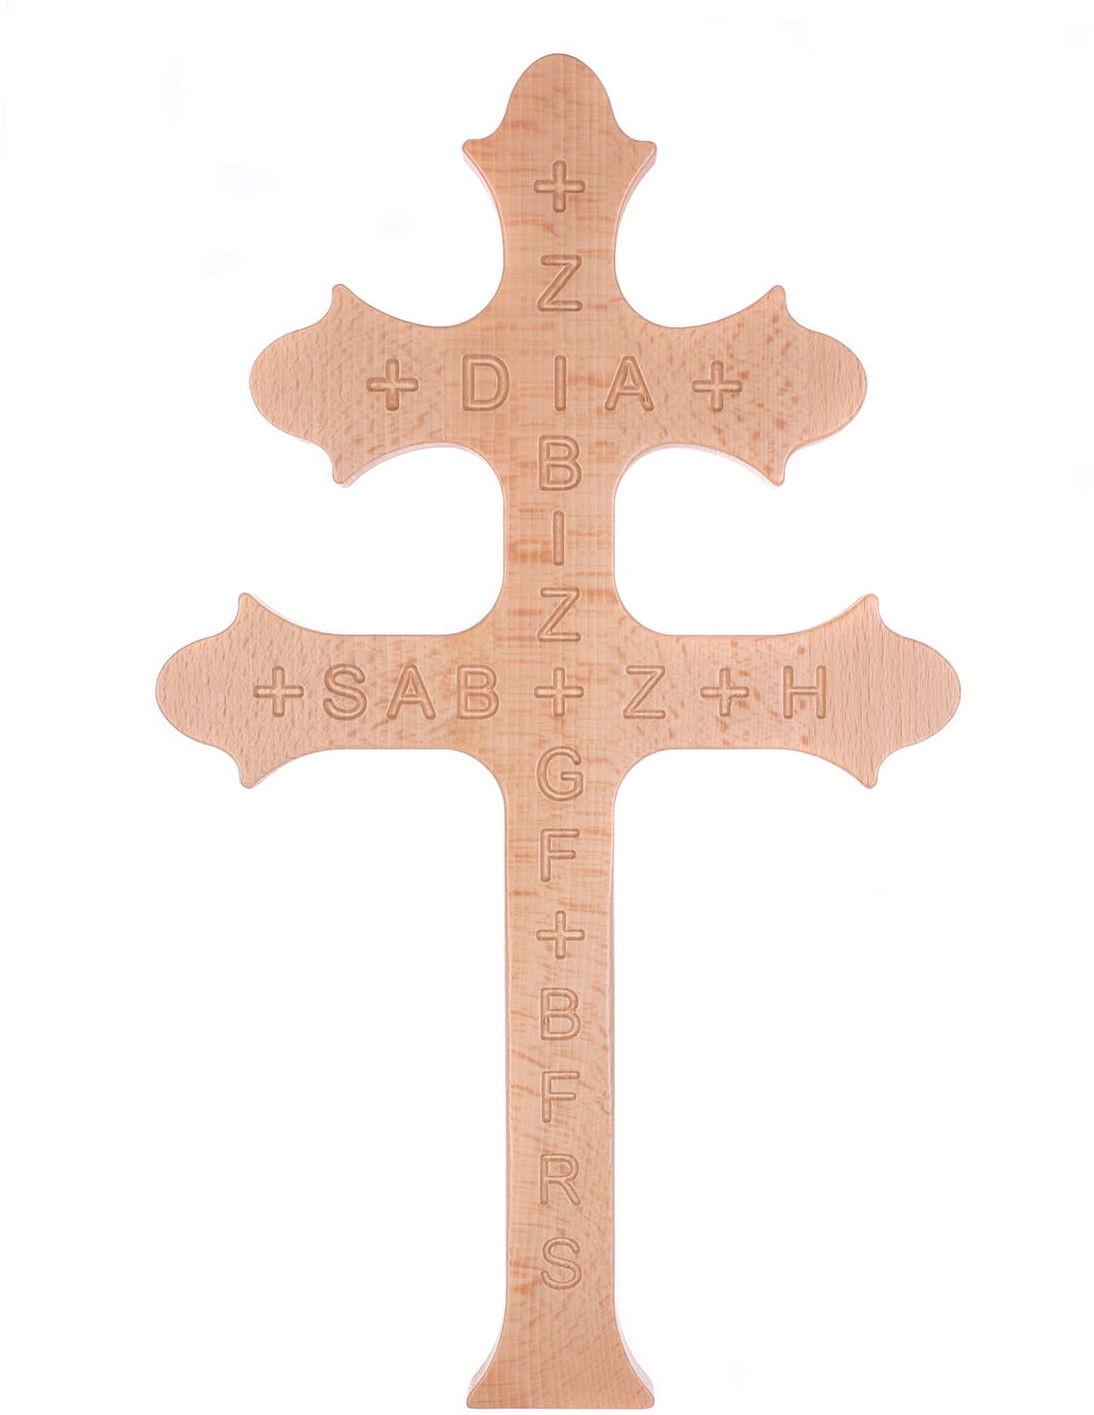 Krzyż św. Zachariasza -krzyż morowy, karawaka - 42 cm URC2442